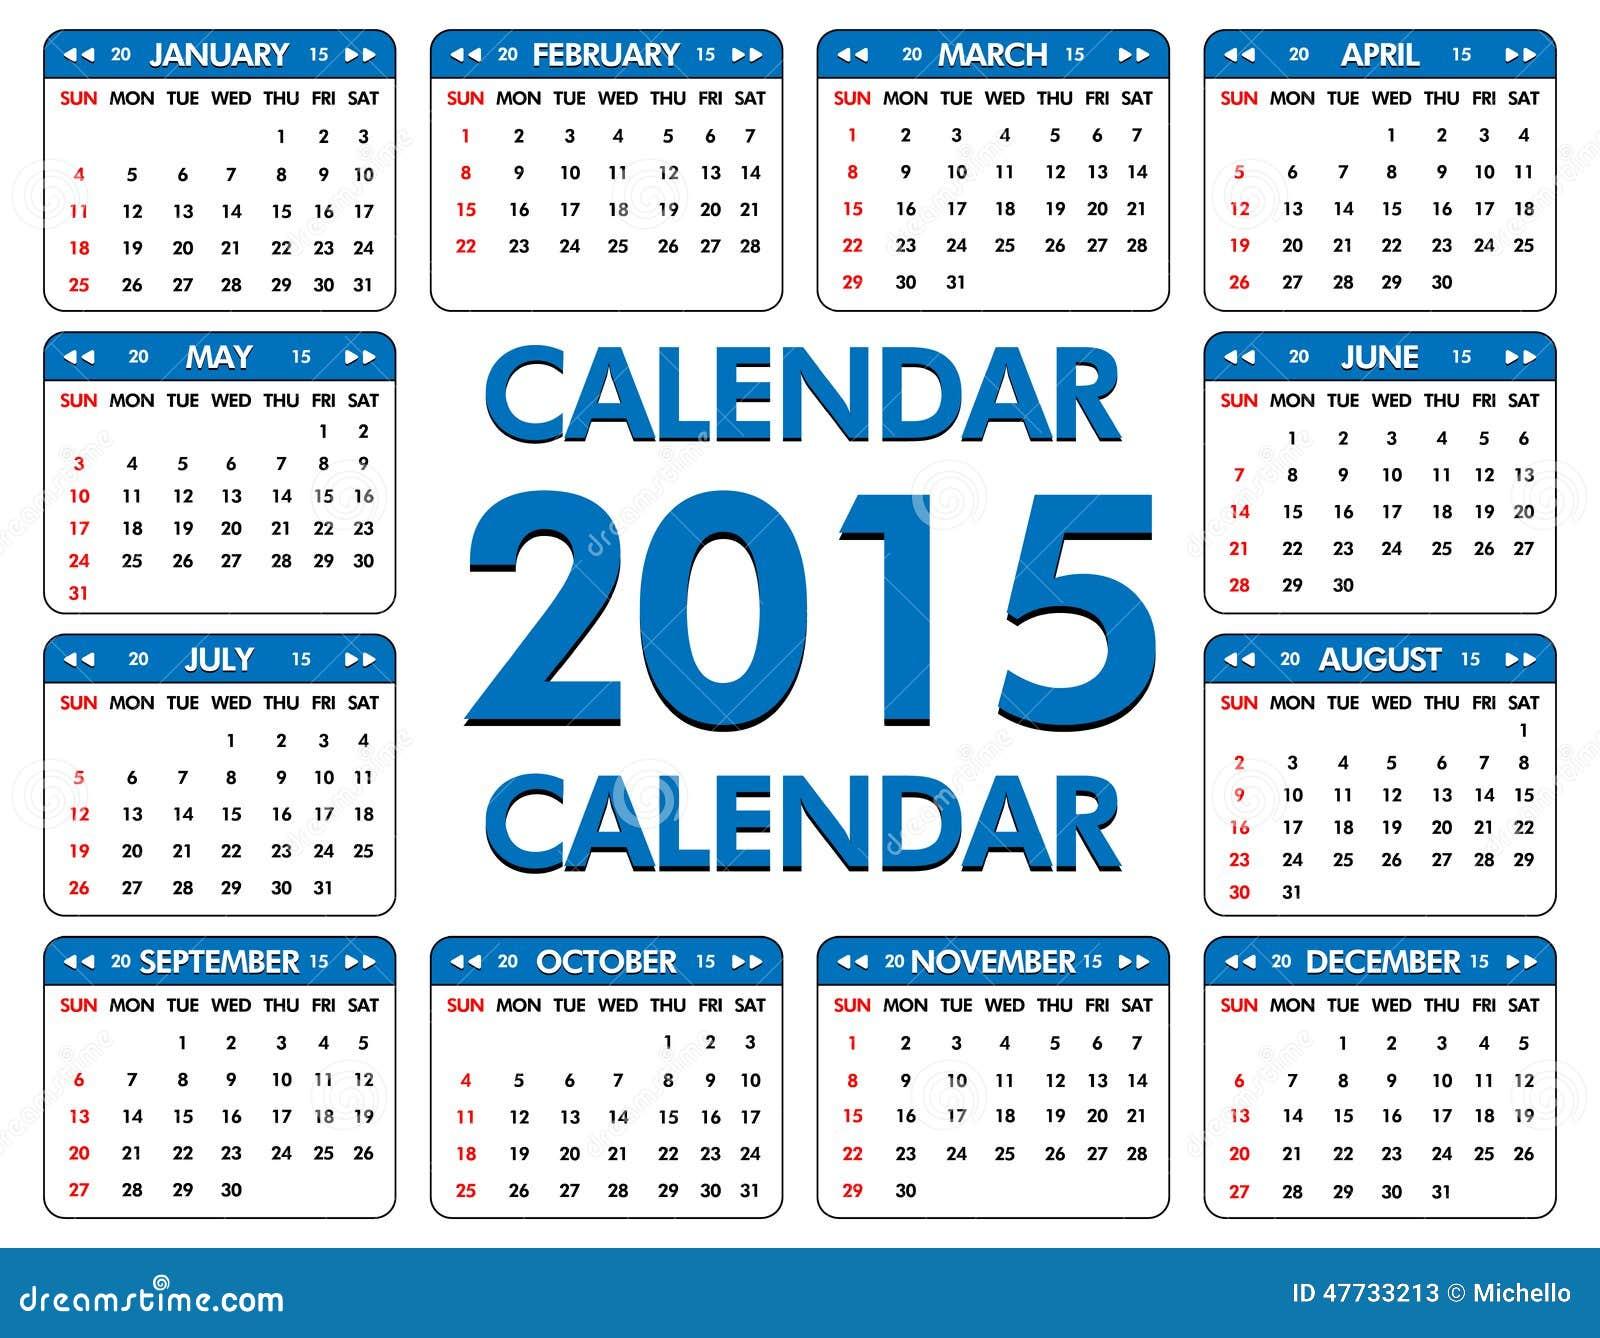 Calendario Anno 2015.Calendario Per L Anno Di 2015 Illustrazione Vettoriale